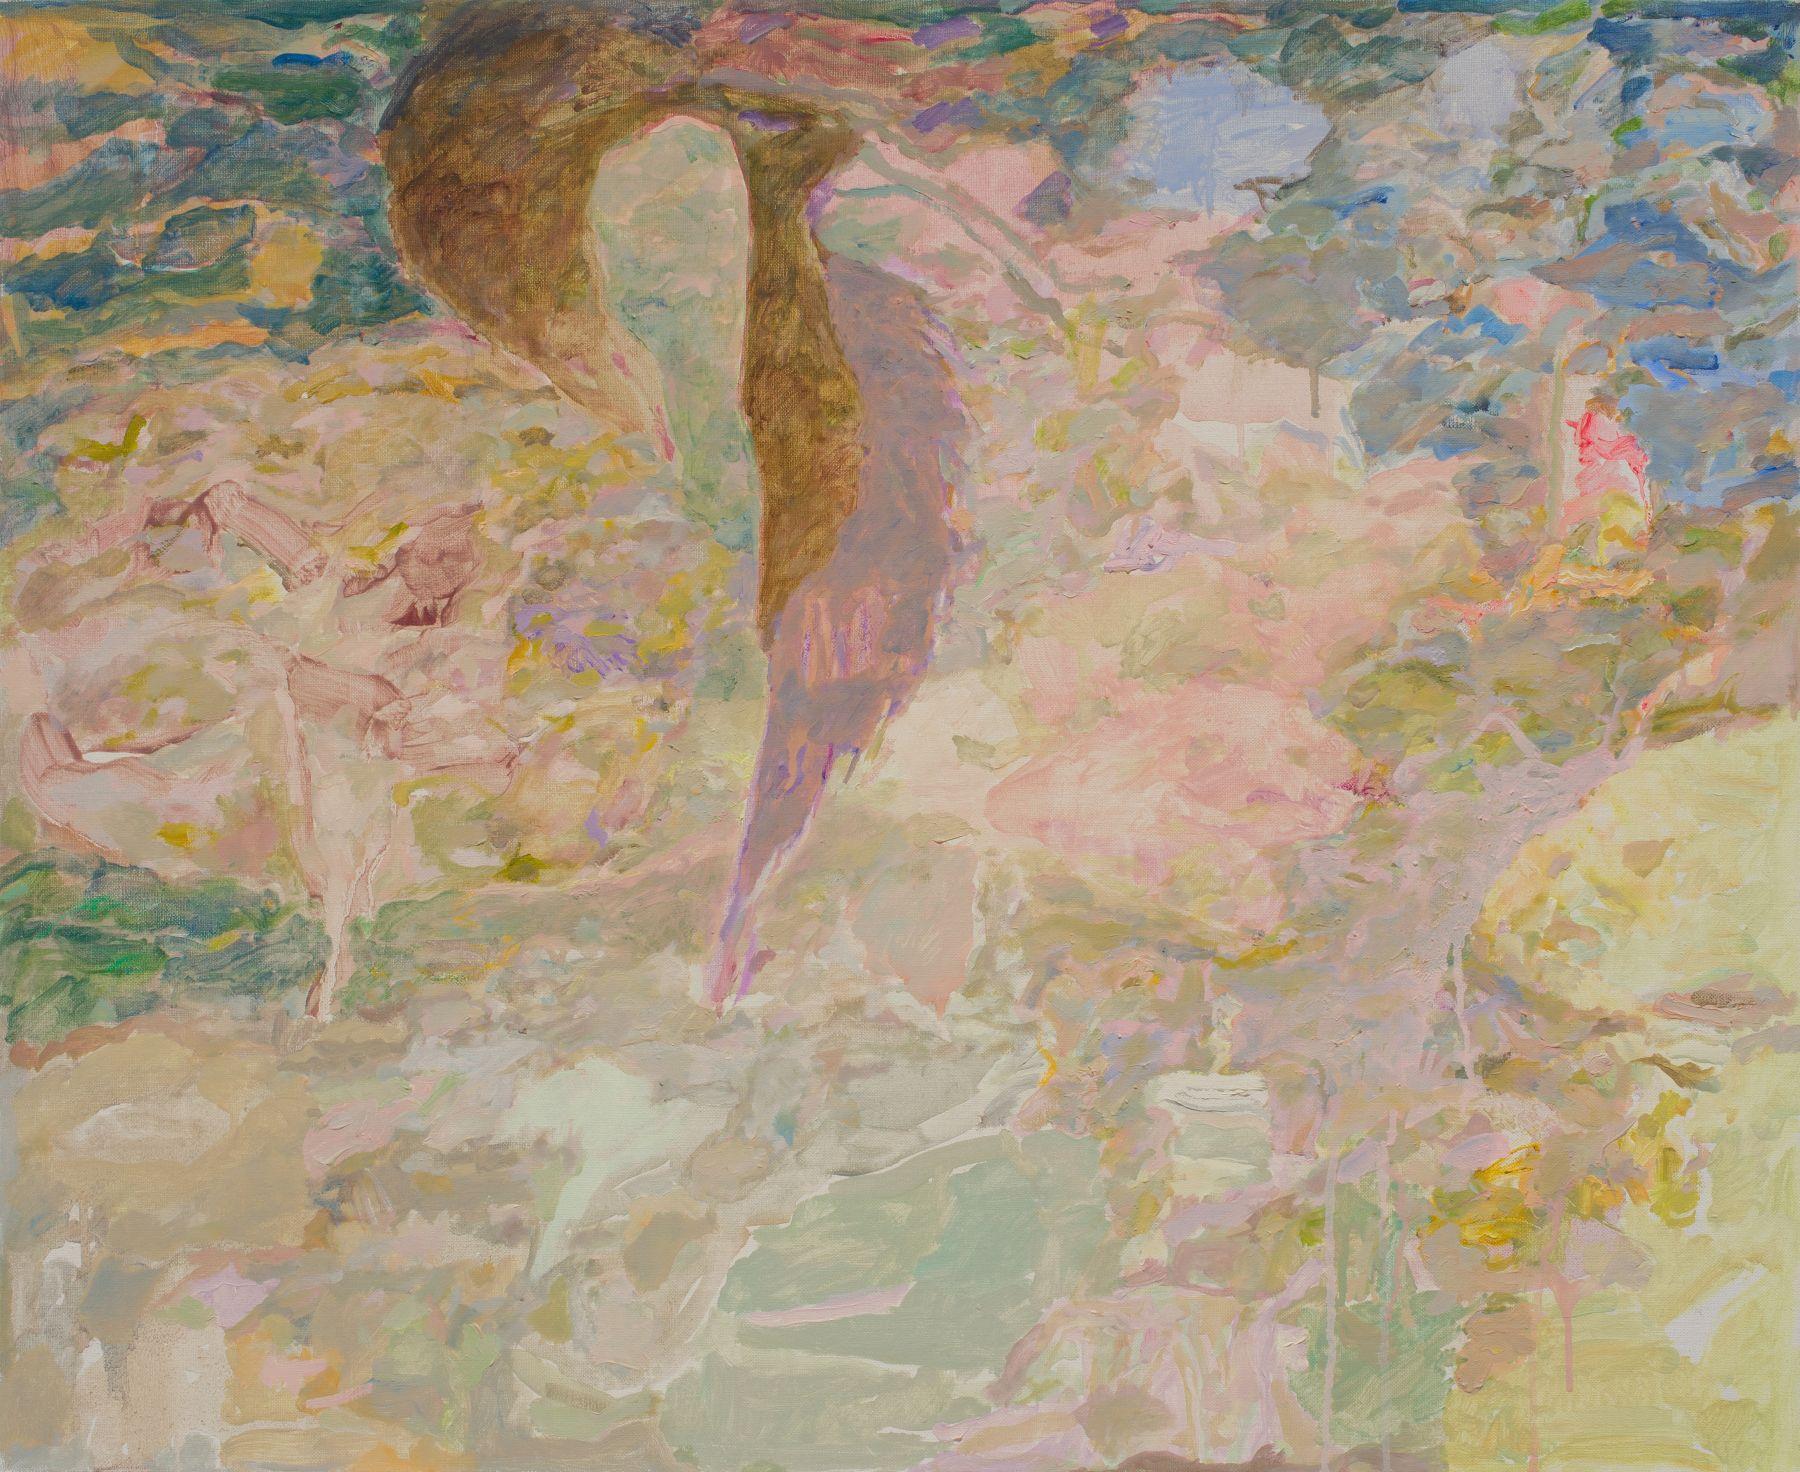 Phoenix, 2001 Oil on linen